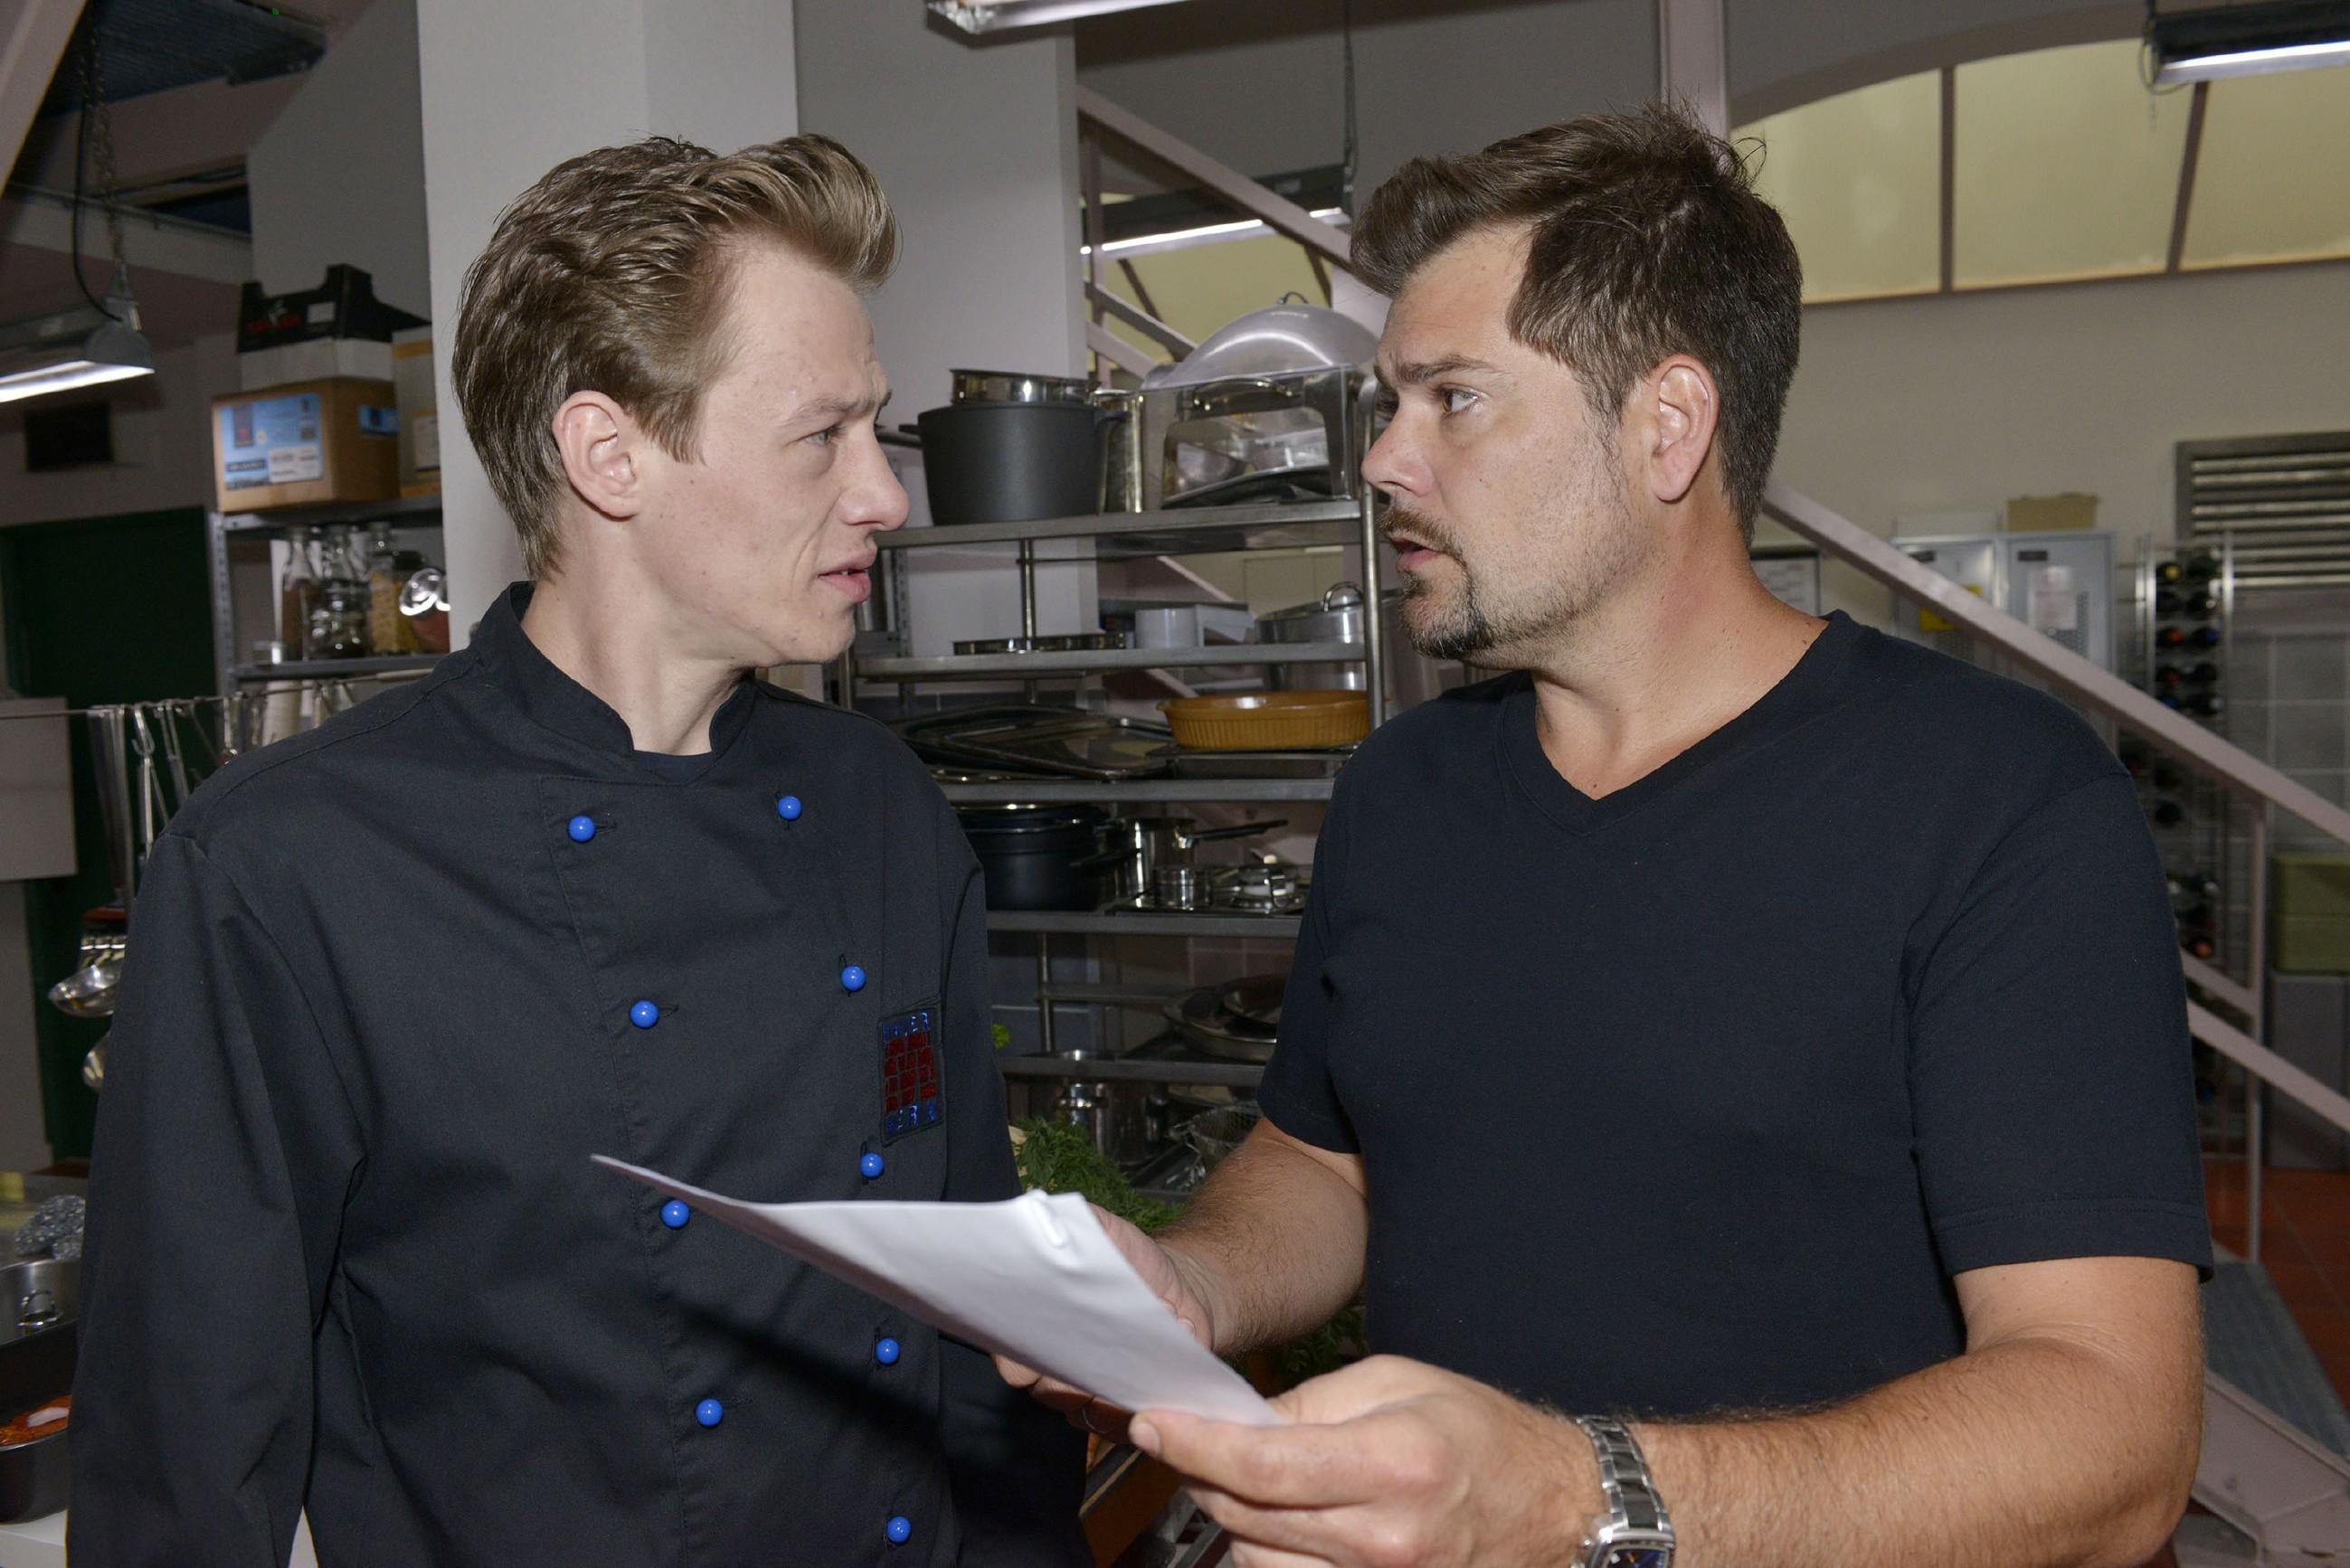 Als Vince (Vincent Krüger, l.) im Mauerwerk als Koch einspringt, schöpft Leon (Daniel Fehlow) Hoffnung, Vince würde wieder fest bei ihm einsteigen - doch Vince hat andere Pläne... (Quelle: RTL / Rolf Baumgartner)